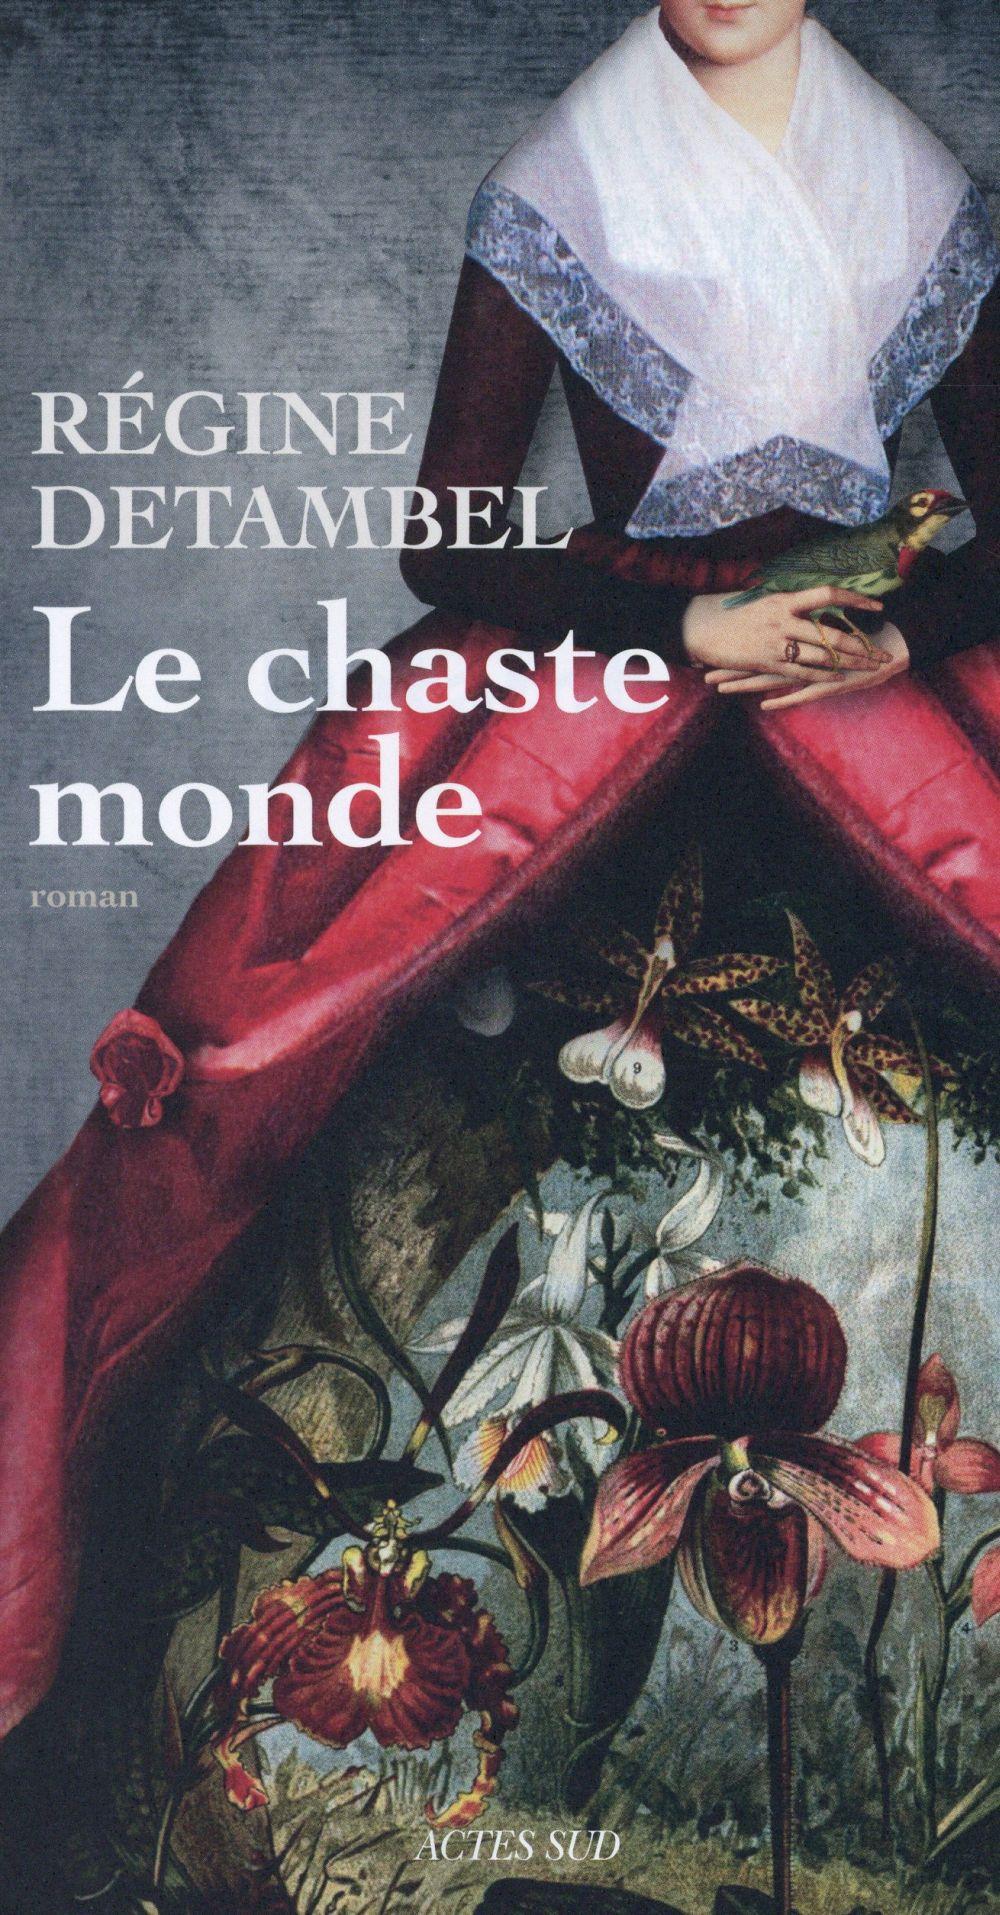 chaste monde (Le) : roman | Detambel, Régine. Auteur